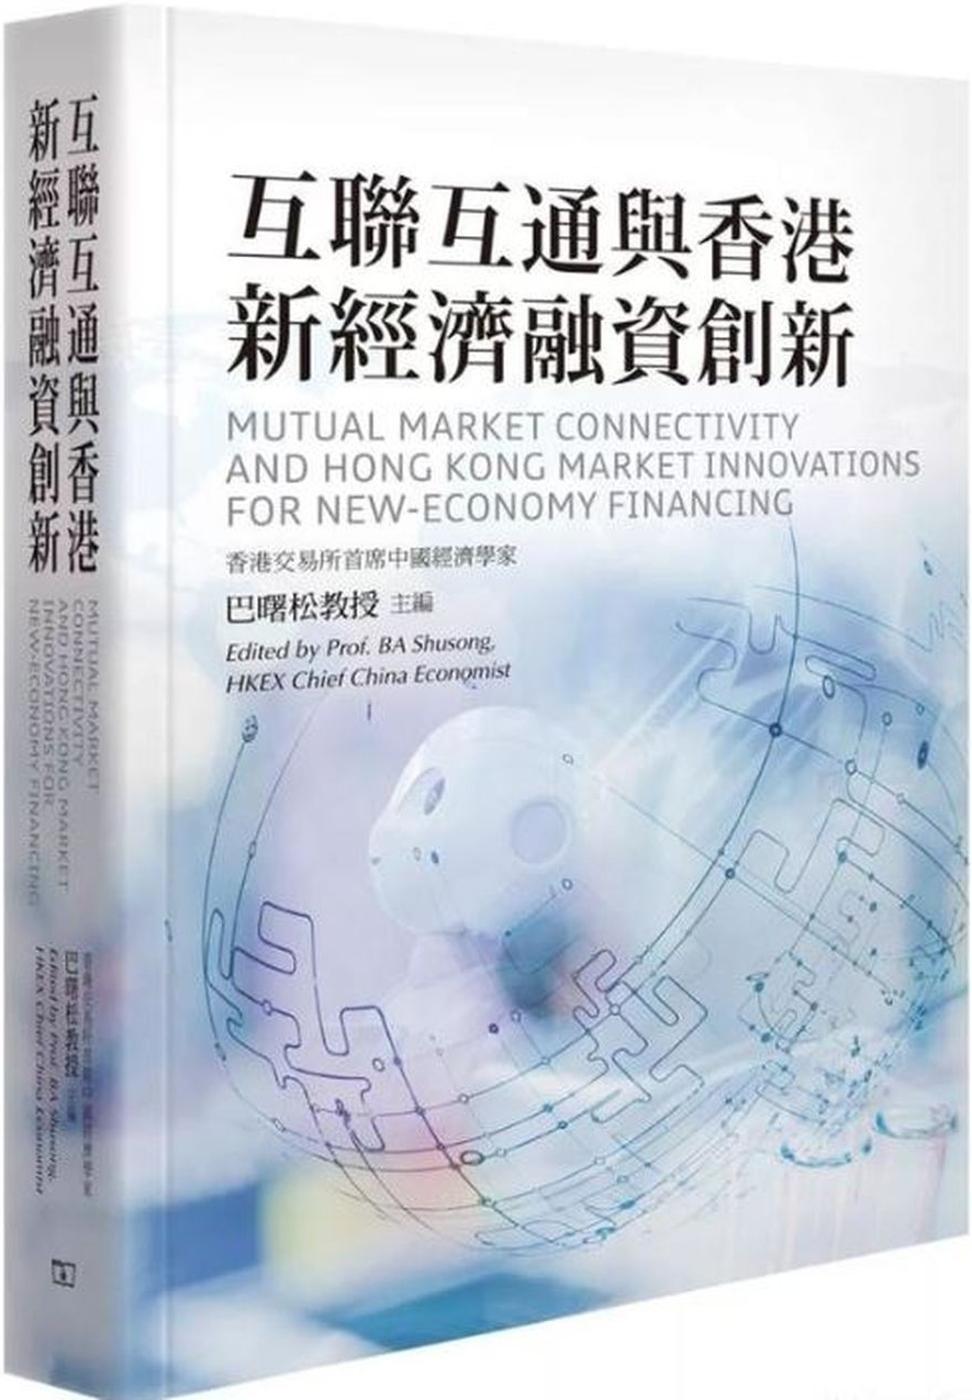 互聯互通與香港新經濟融資創新